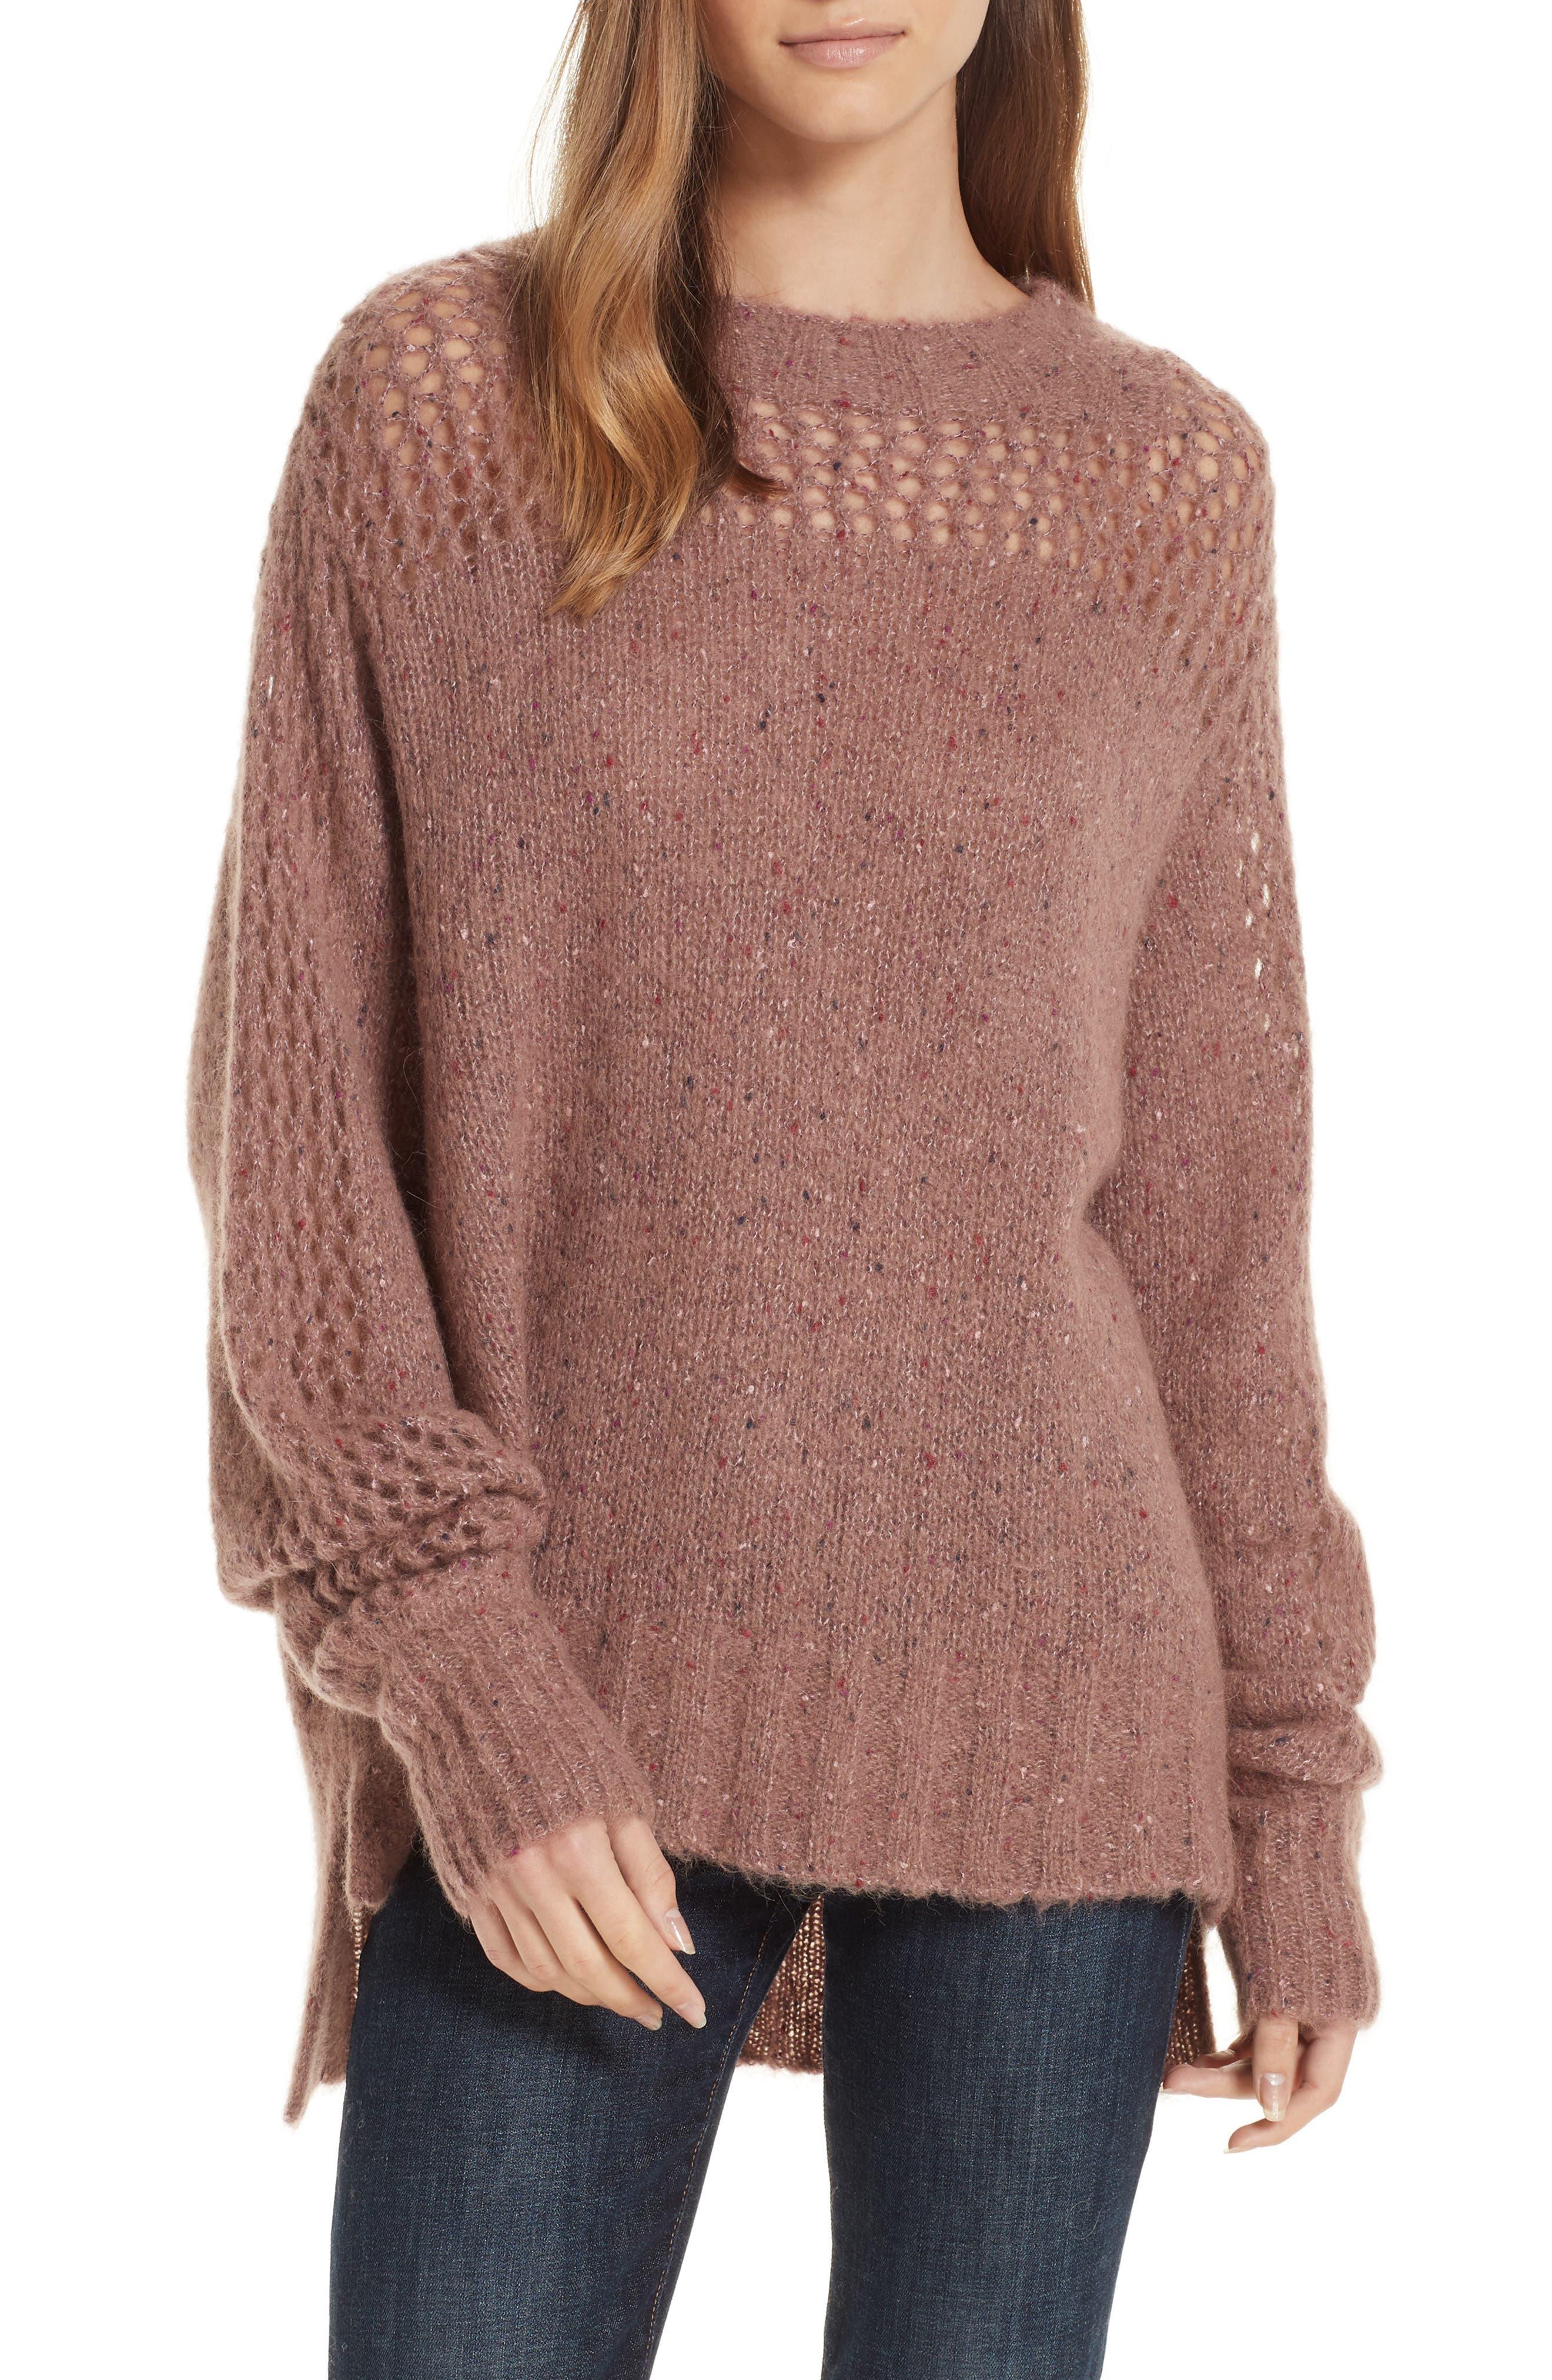 Josep Alpaca Wool Sweater by Brochu Walker